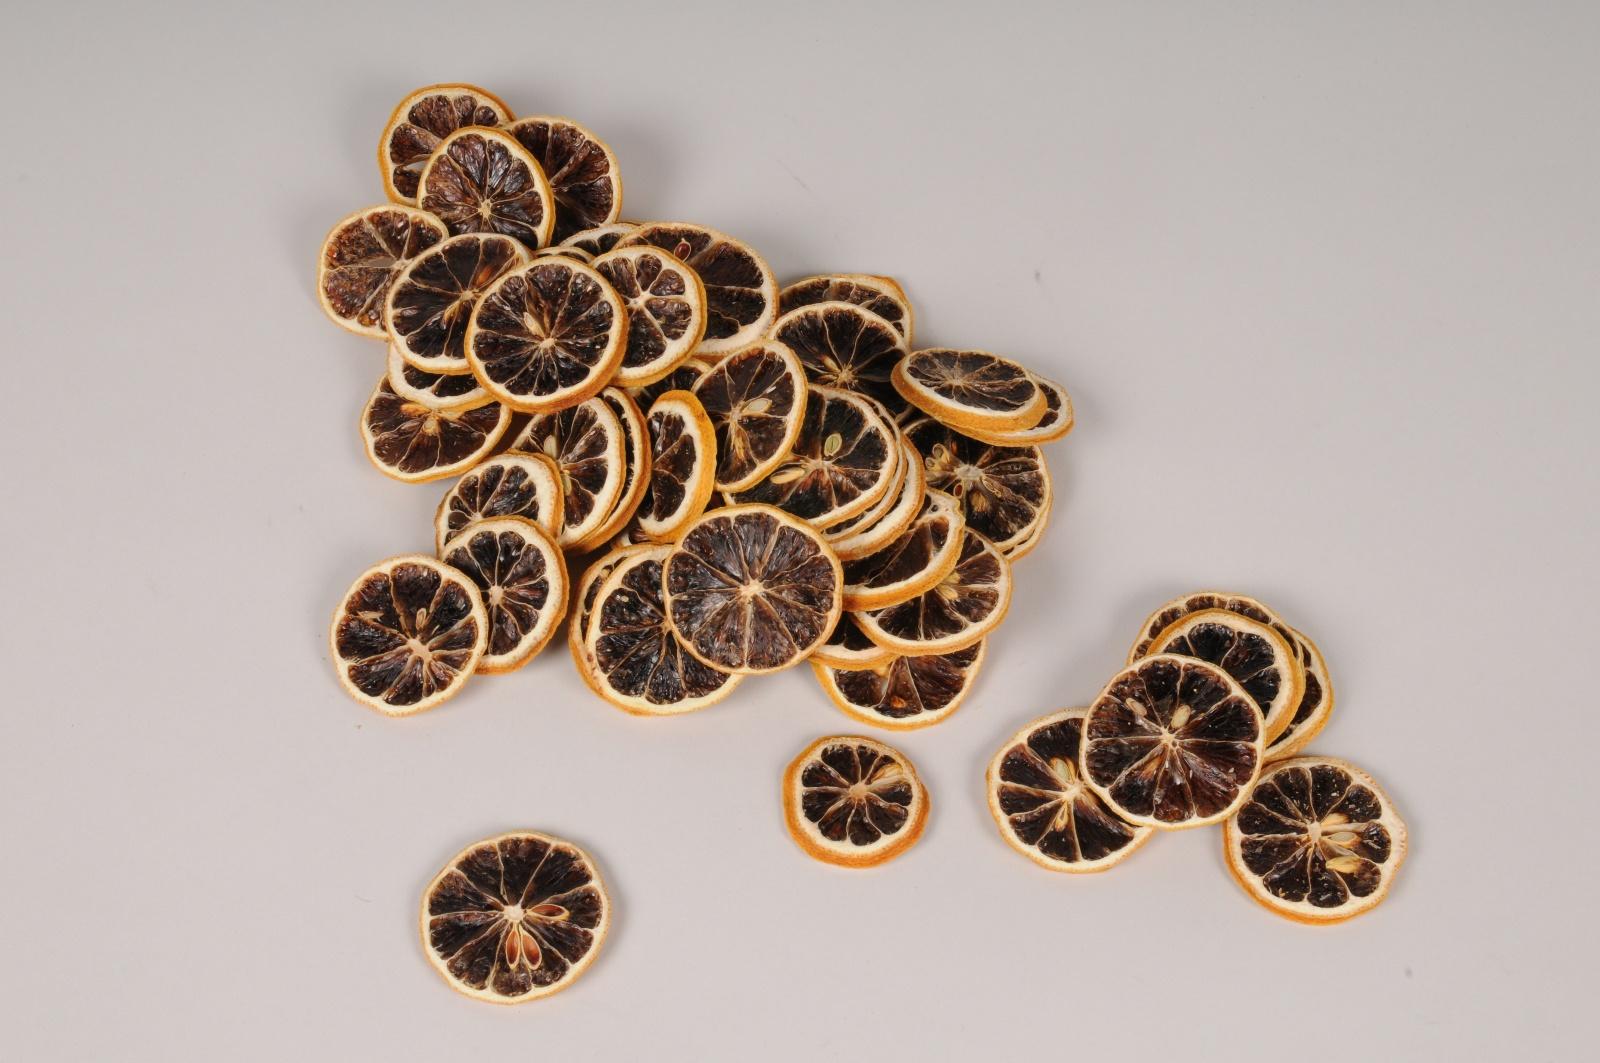 x018lw Tranches de citron jaune séchées 250g